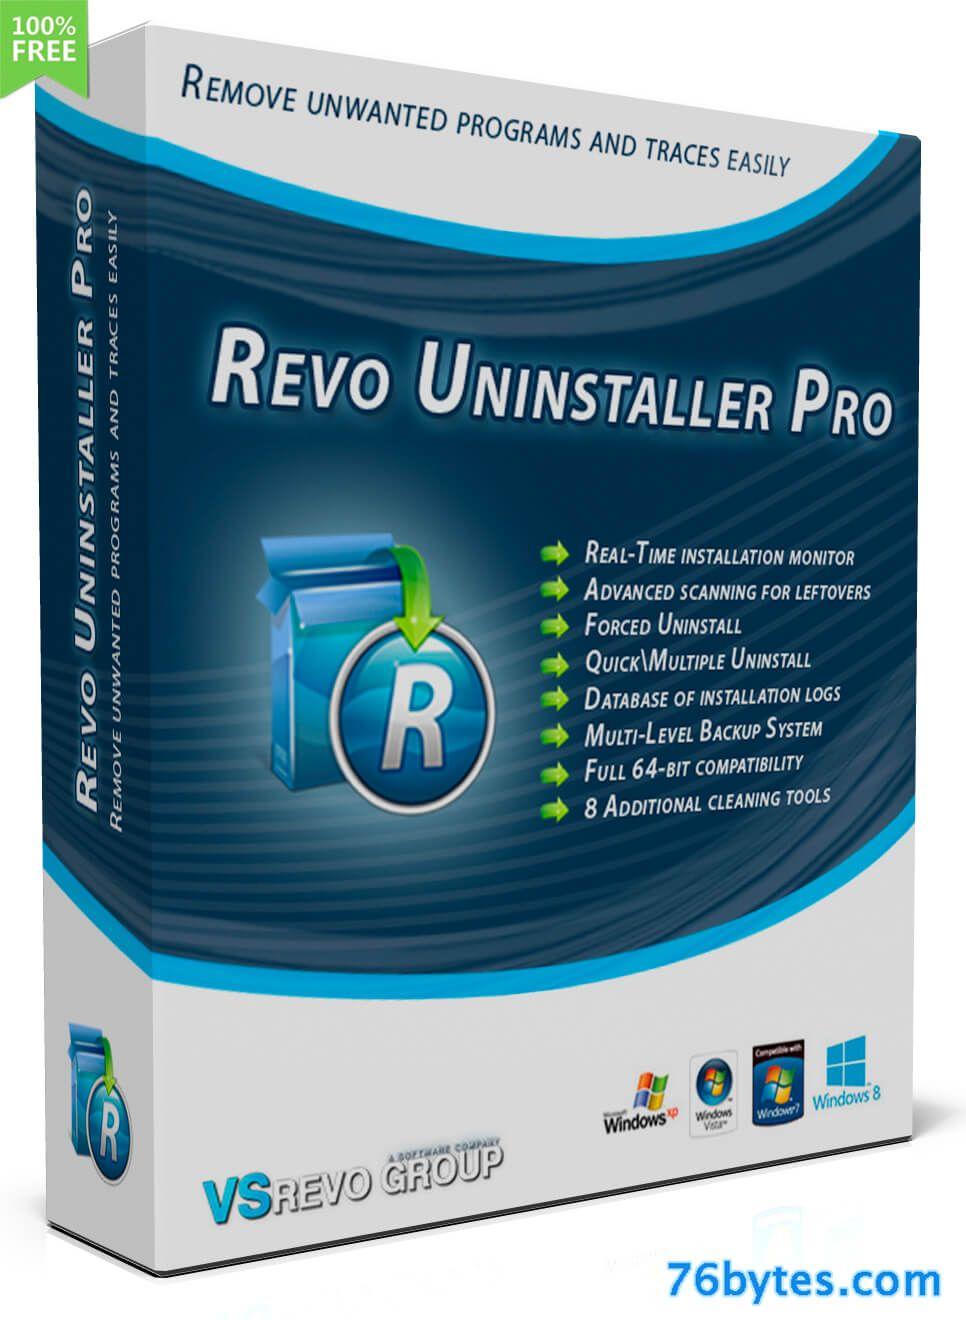 Revo uninstaller pro 3. 1. 6 portable скачать бесплатно.